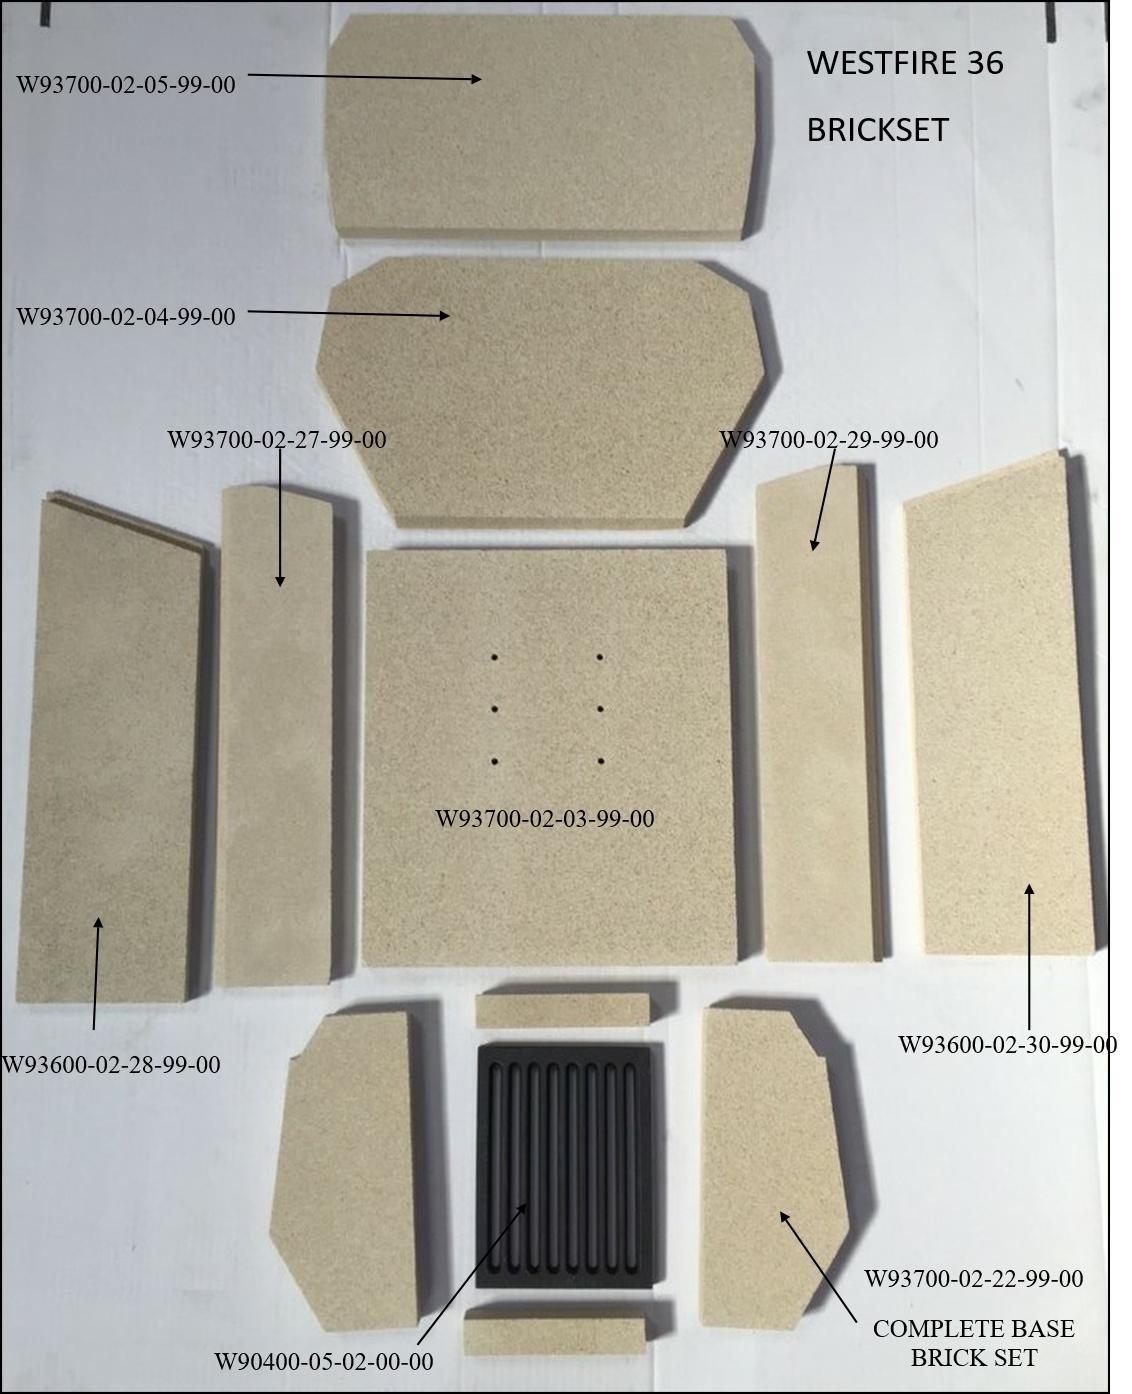 Westfire 36 Brick Set with Codes